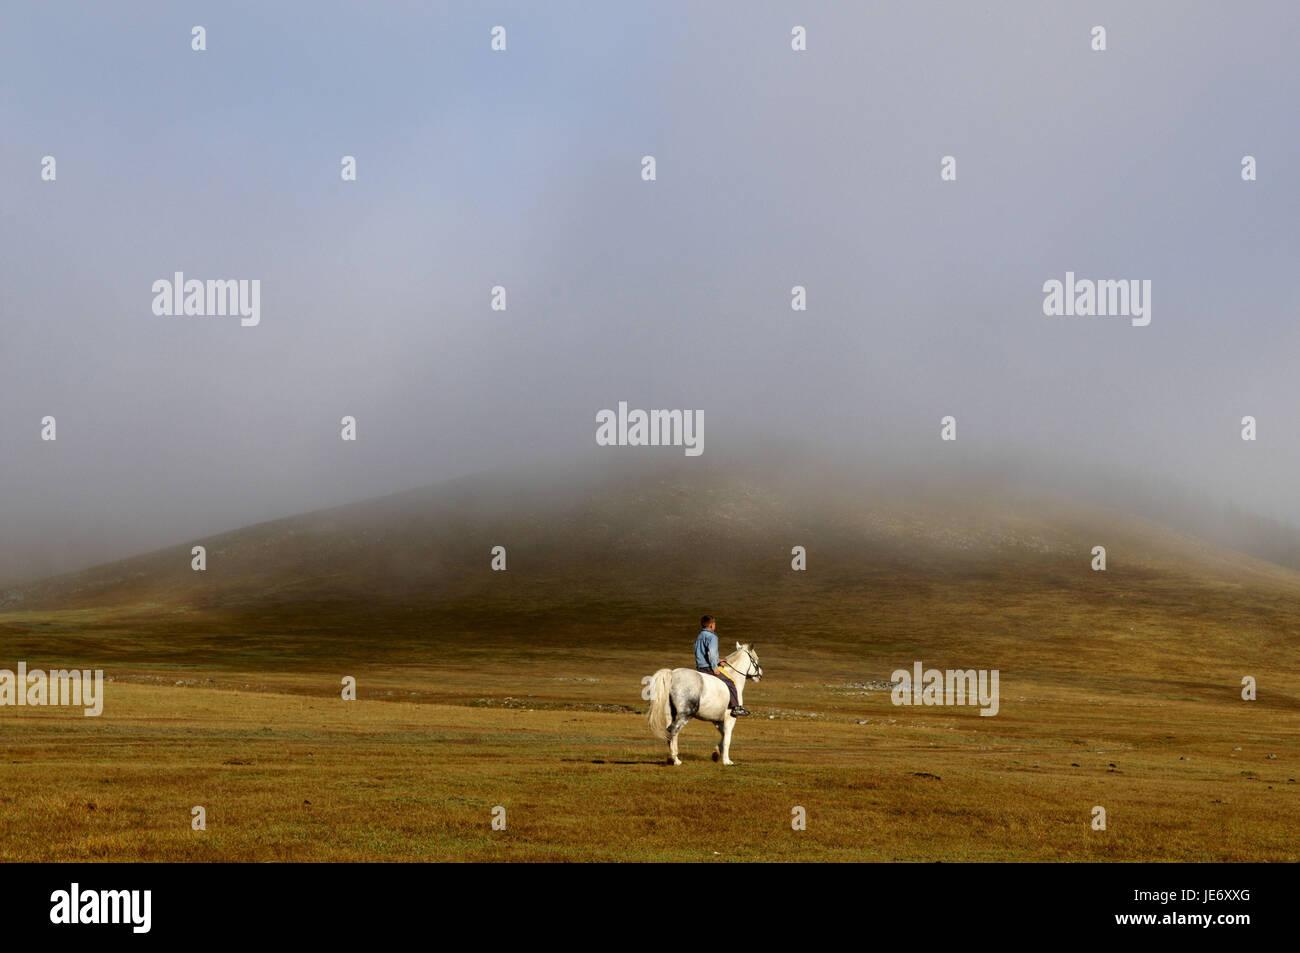 La Mongolie, l'Asie centrale, la province Arkhangai, garçon sur le cheval blanc, décor, brouillard, Photo Stock